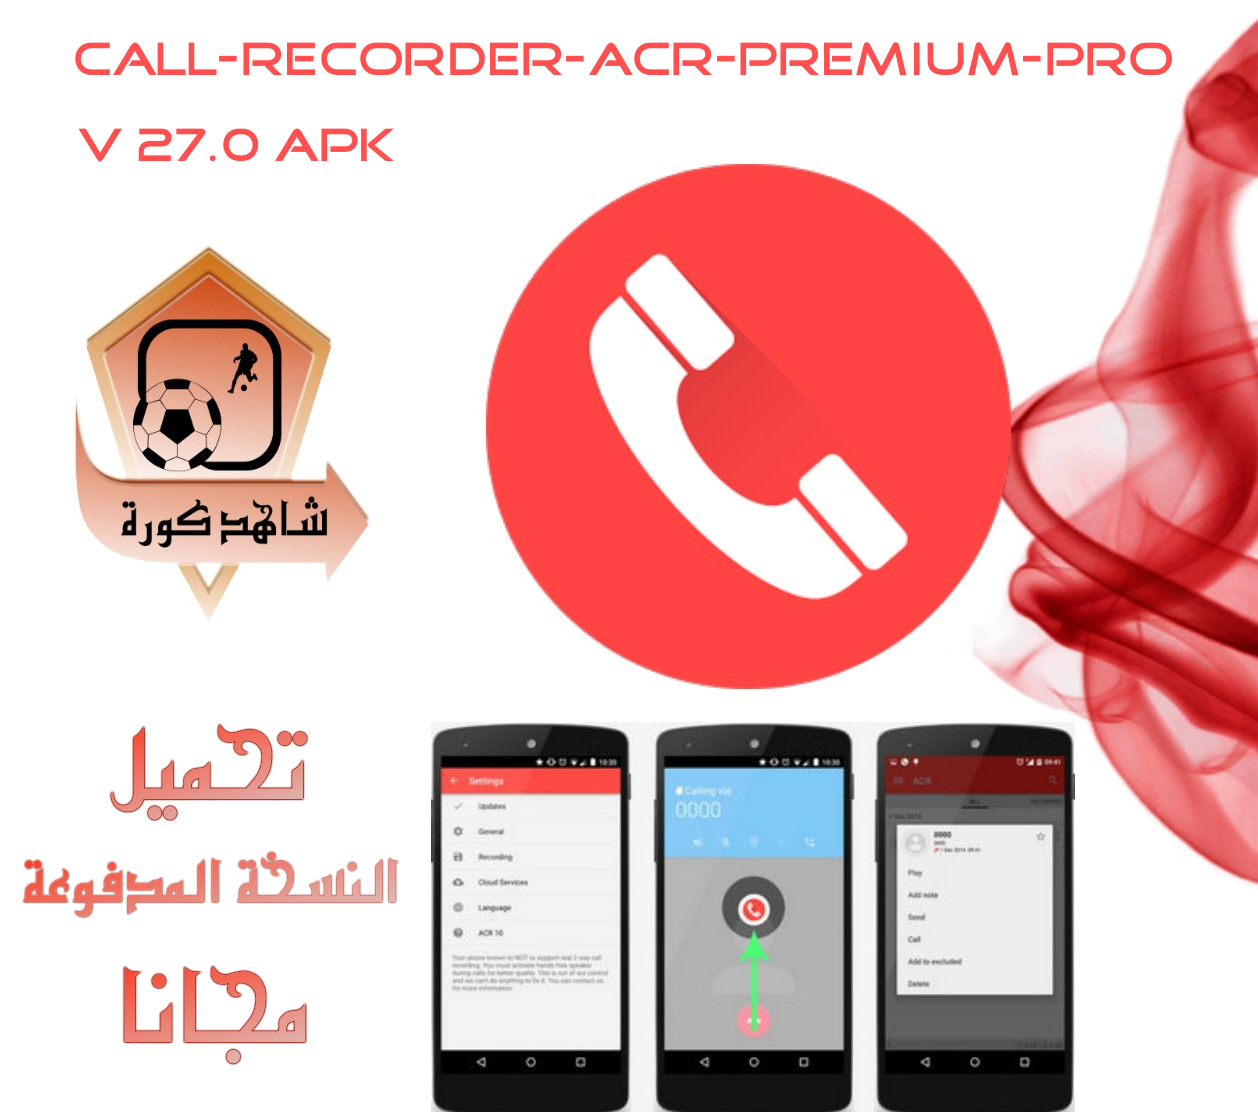 تحميل تطبيق Call Recorder Acr Pro النسخة المدفوعة مجانا